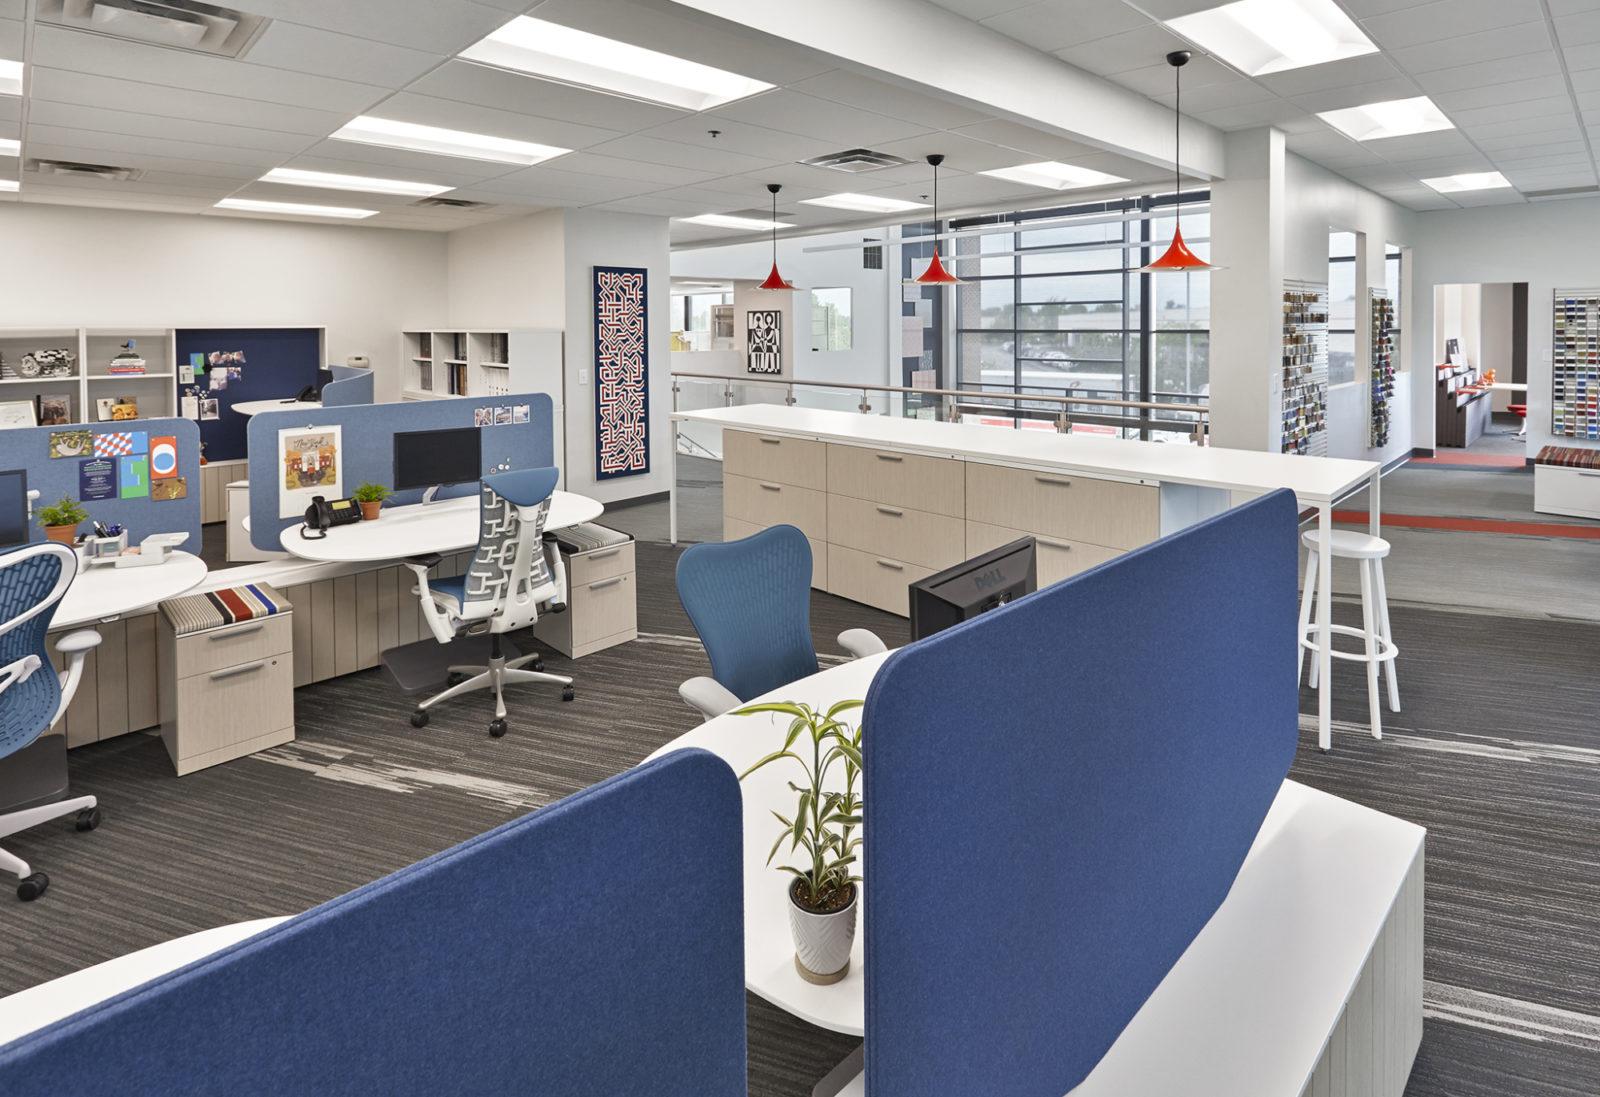 OW Showroom/Office: Design Studio